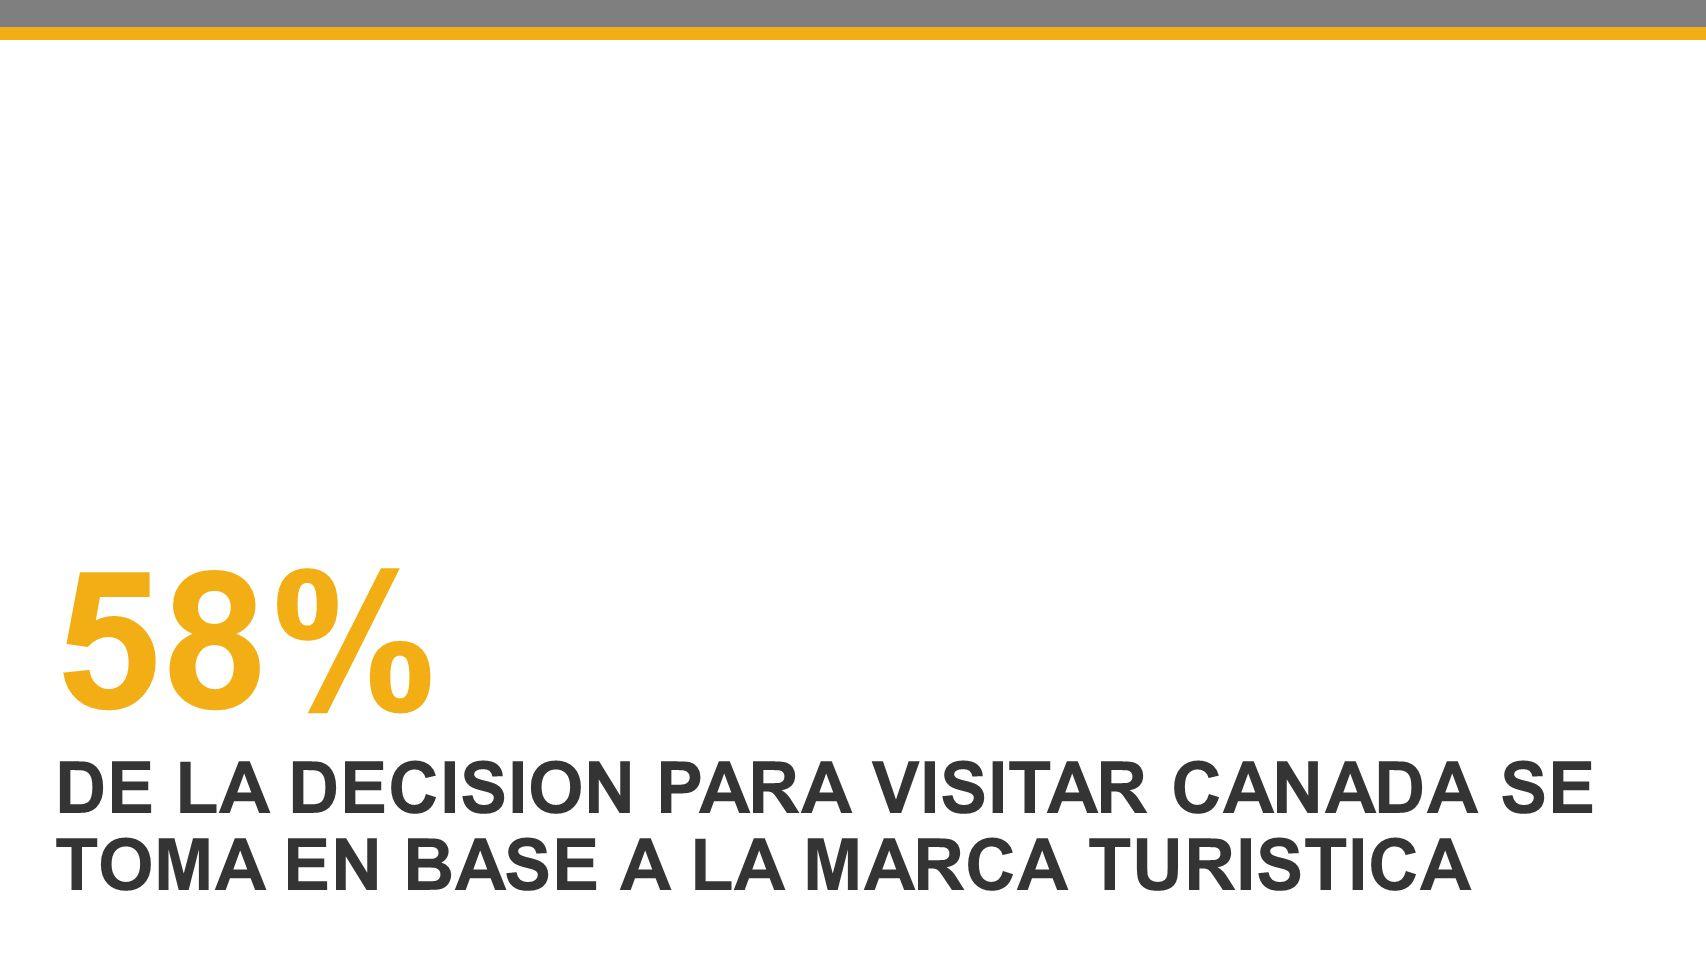 58% DE LA DECISION PARA VISITAR CANADA SE TOMA EN BASE A LA MARCA TURISTICA